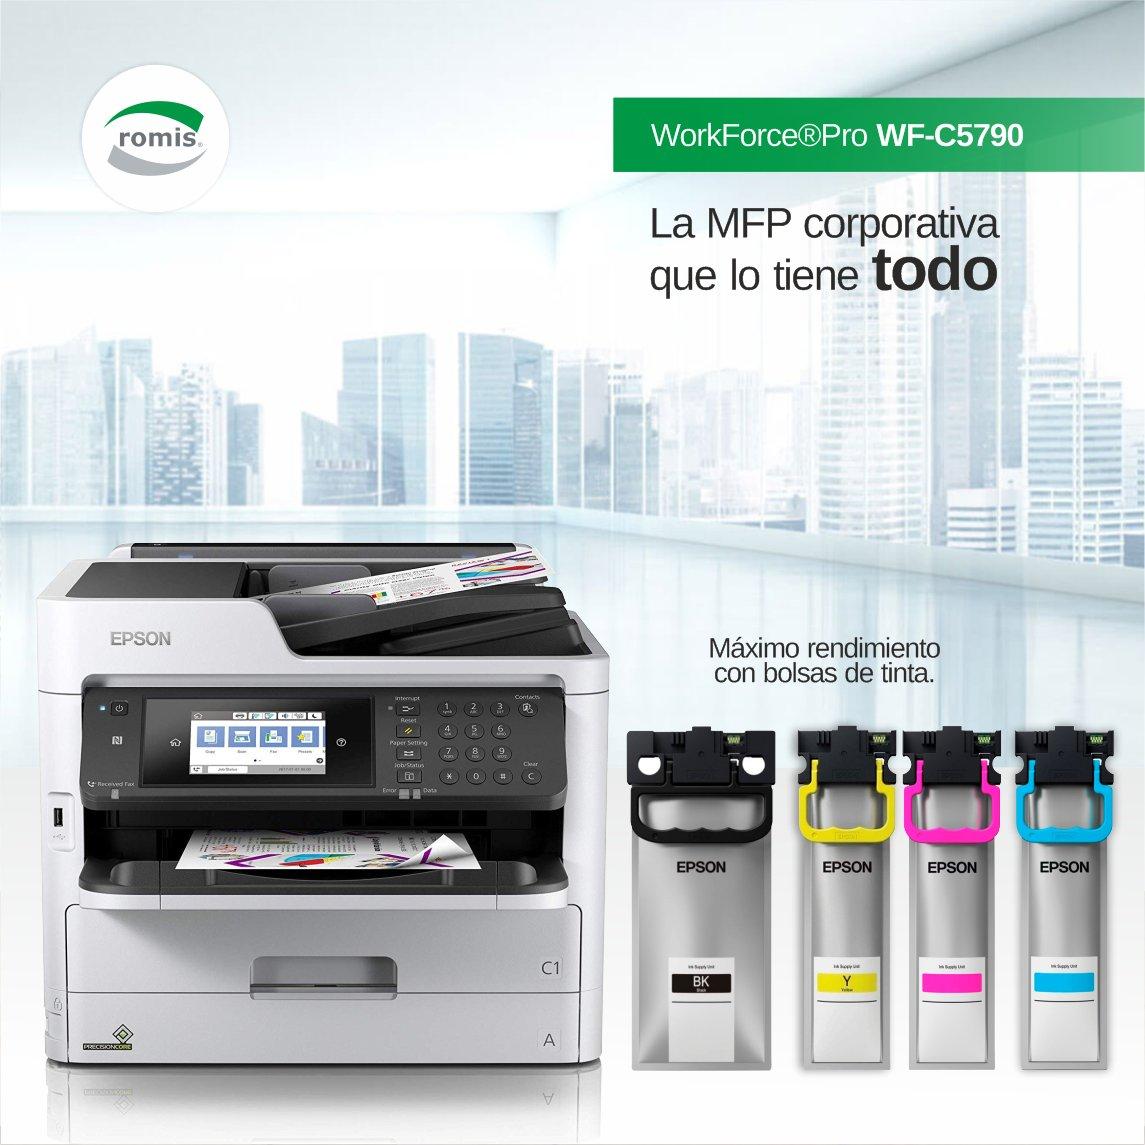 Máxima productividad, velocidad de 34ppm y un menor consumo de energía. Copia, imprime, escanea y fax. Inalámbrica, Ethernet & PCL/PS. Tinta resistente al agua, las manchas y la decoloración. https://t.co/oS4DDZcYjE https://t.co/FaMbO4KUxc